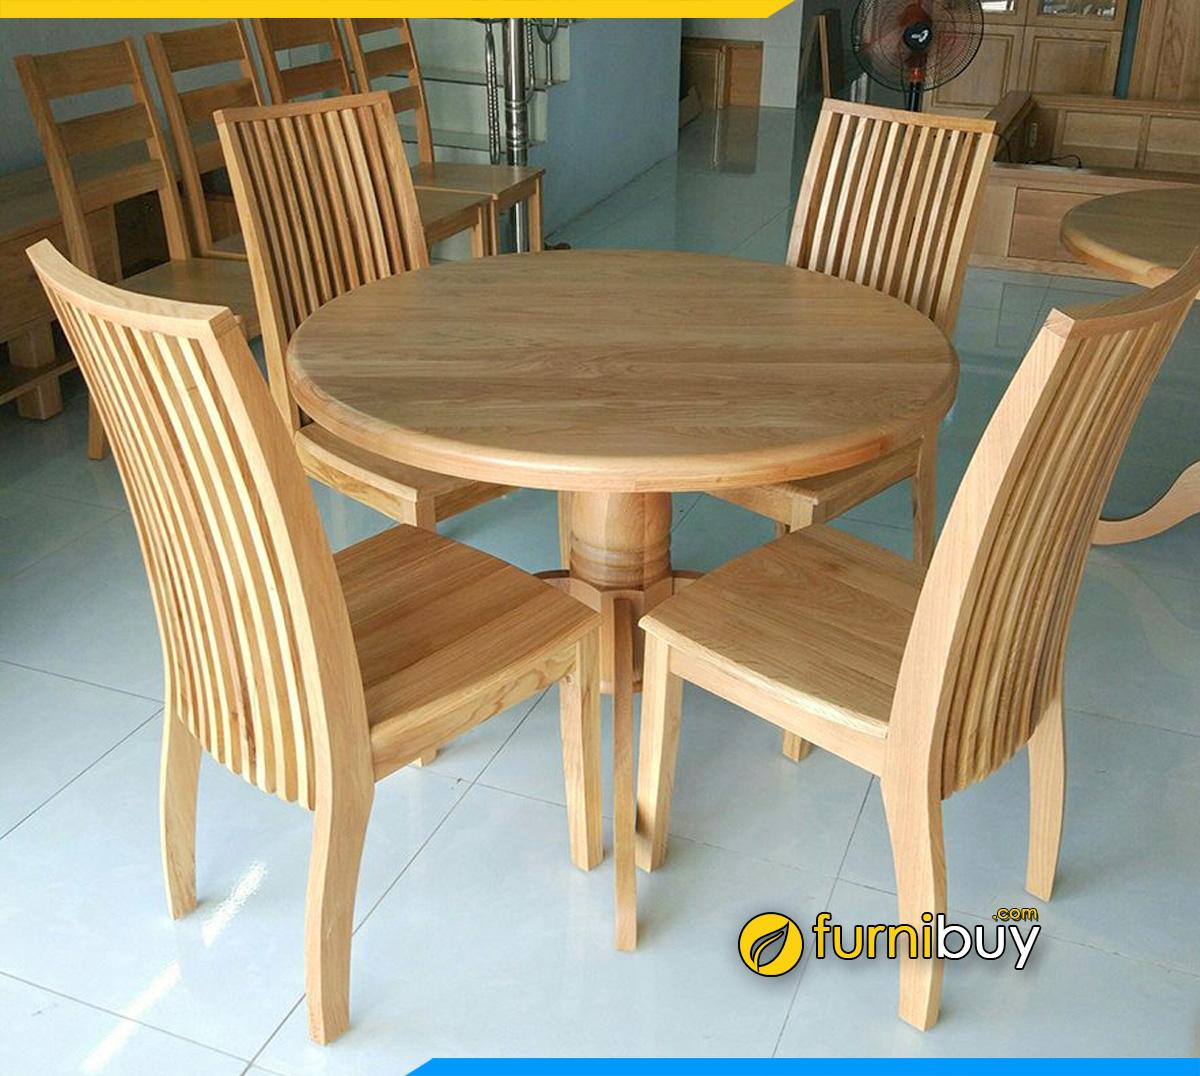 Hình ảnh Bộ bàn ăn gỗ sồi hình tròn 4 người đẹp cỡ nhỏ